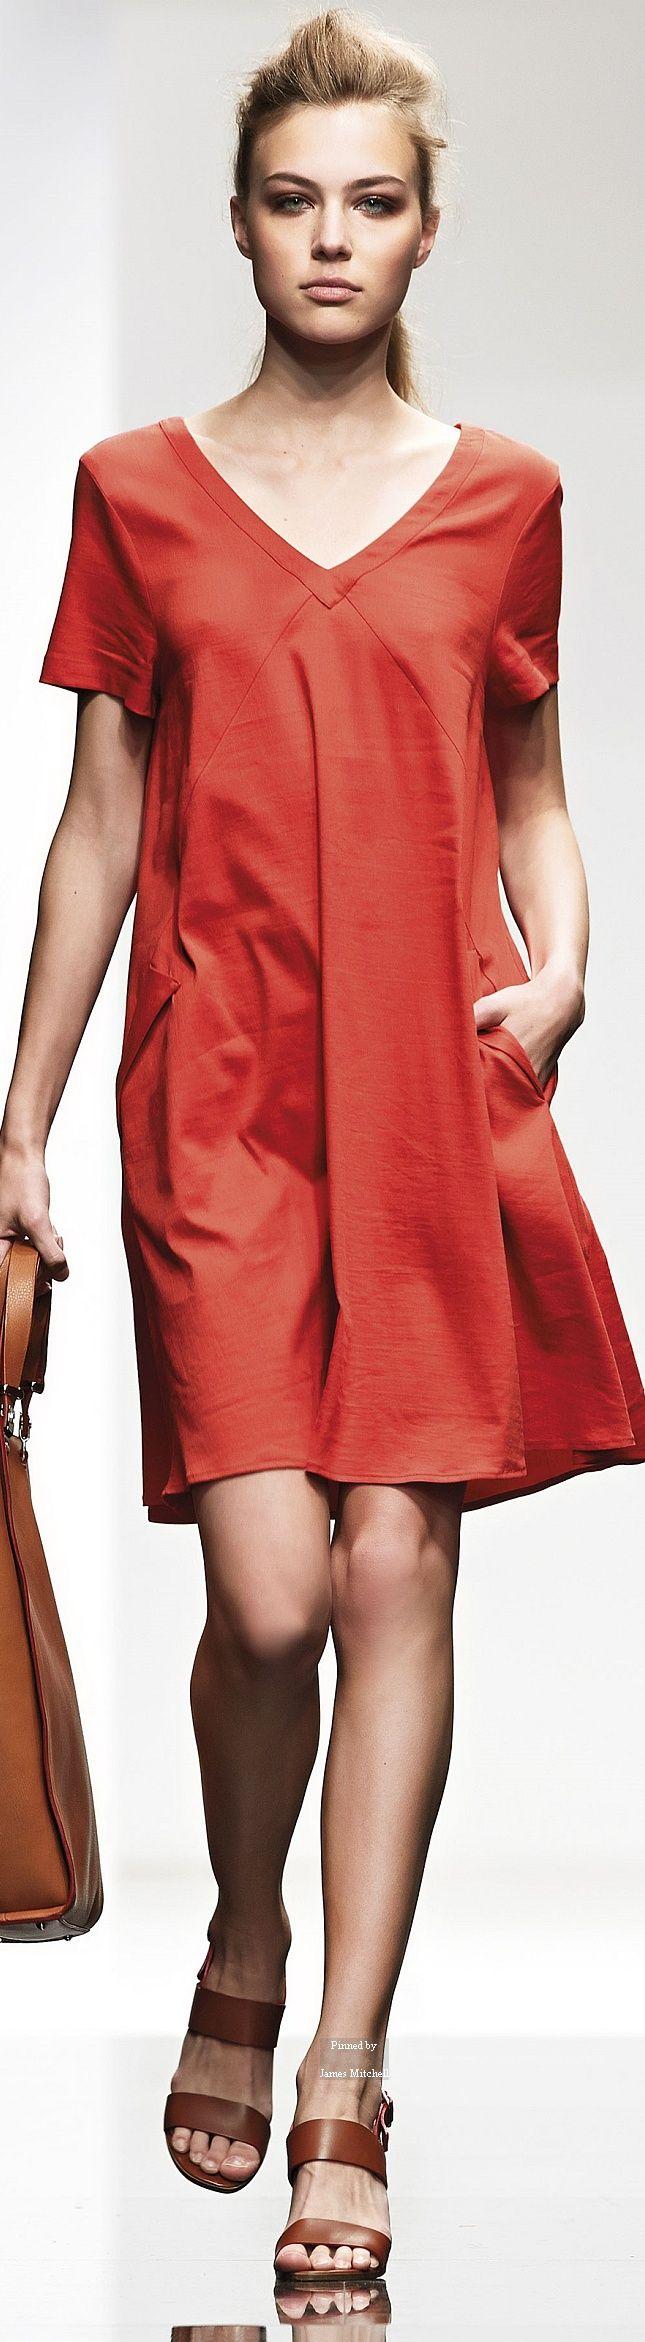 Farb- und Stilberatung mit www.farben-reich.com - Liviana Conti Spring Summer 2015 Ready-To-Wear collection